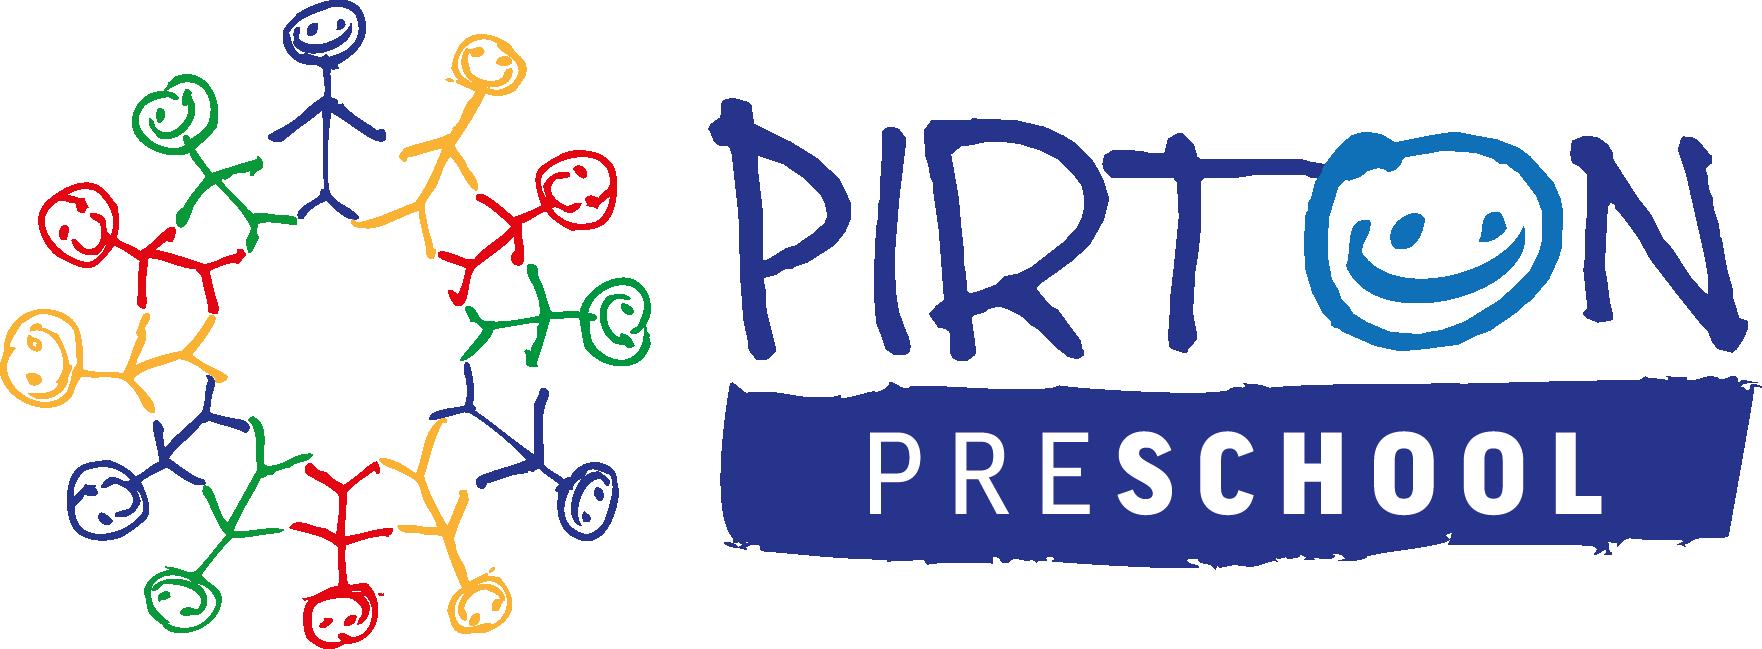 Pirton Pre-School